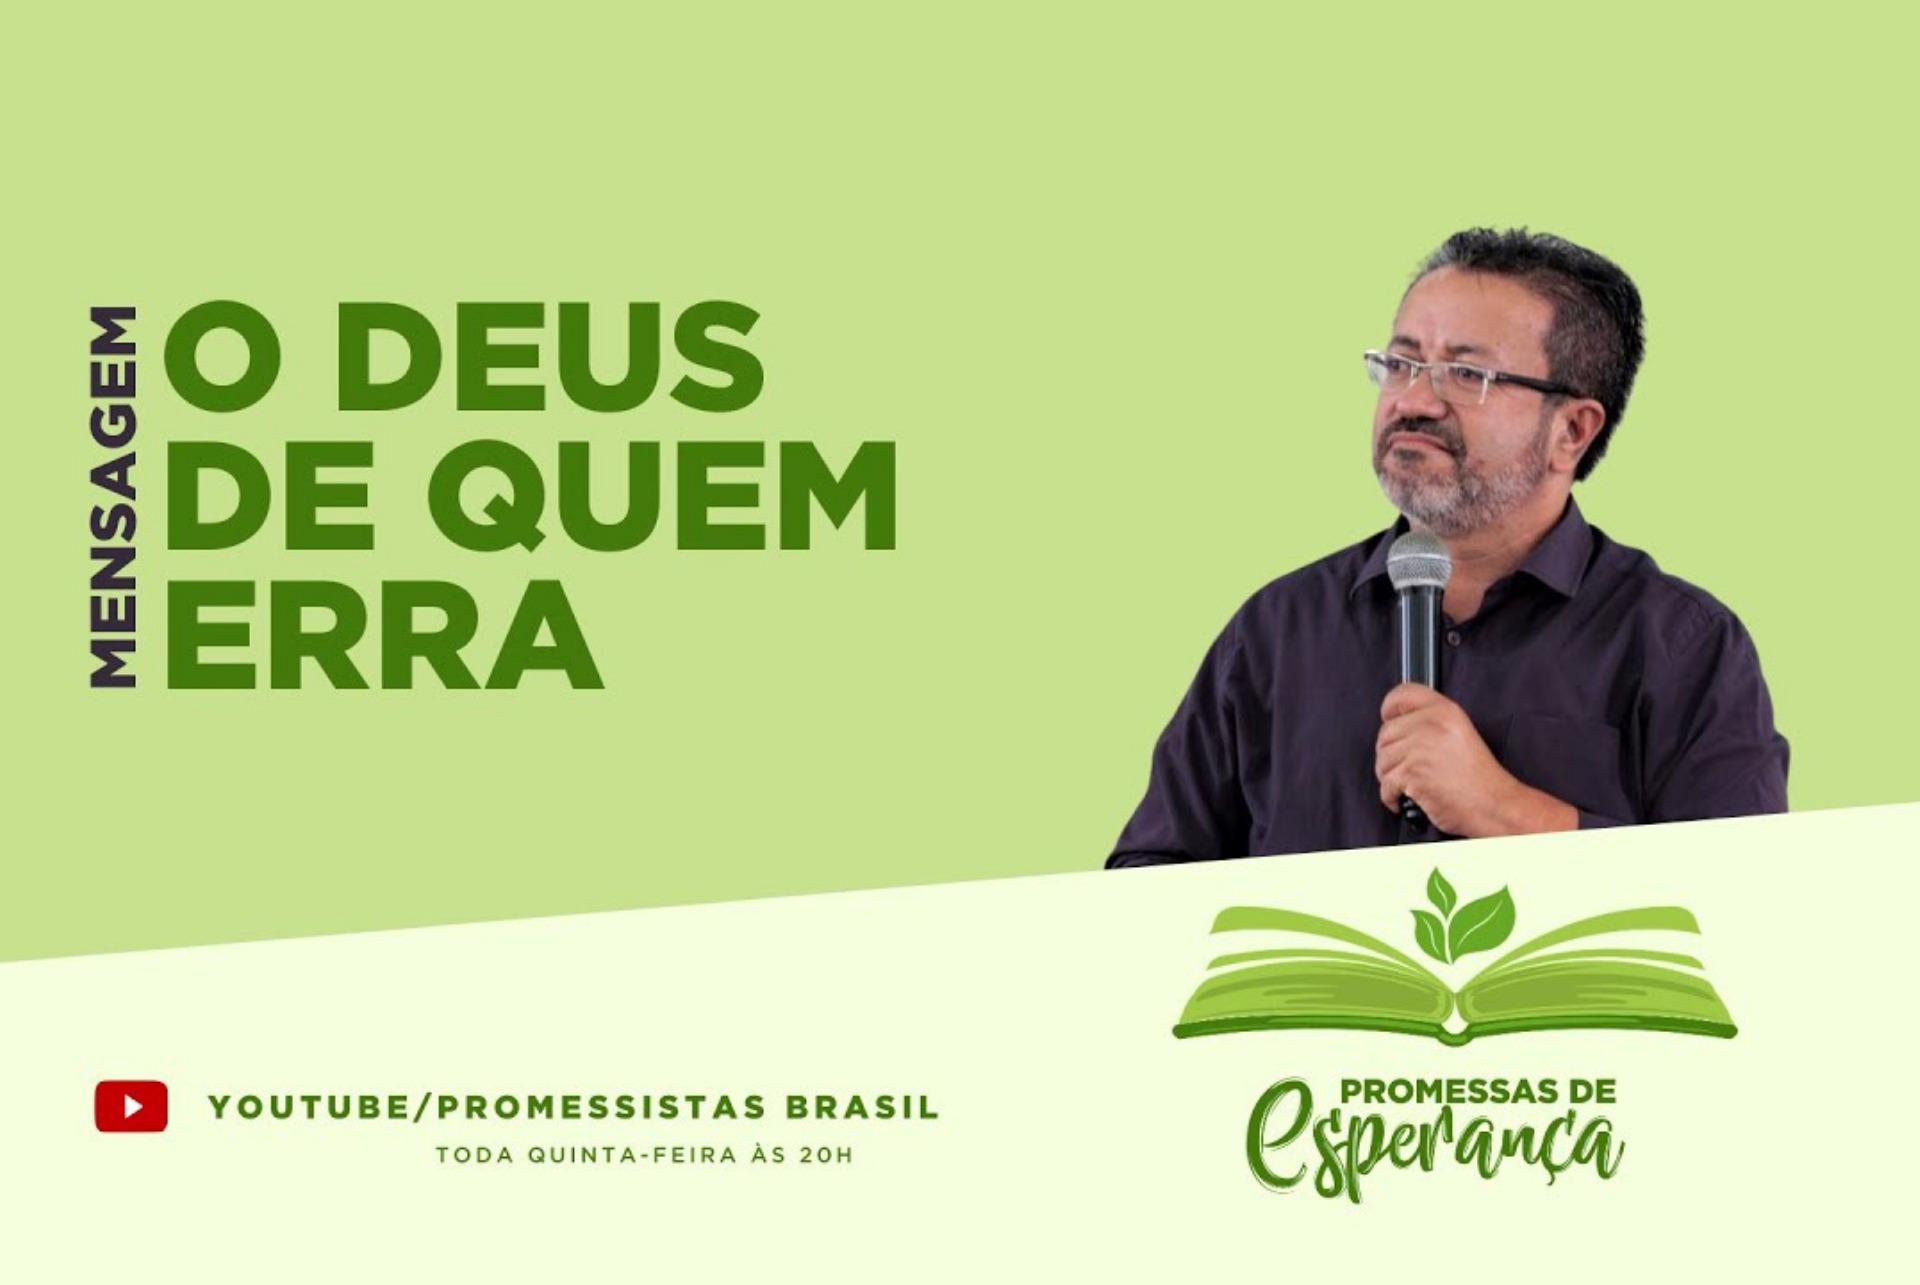 """Estreia: Conheça o novo programa """"Promessas de esperança"""""""